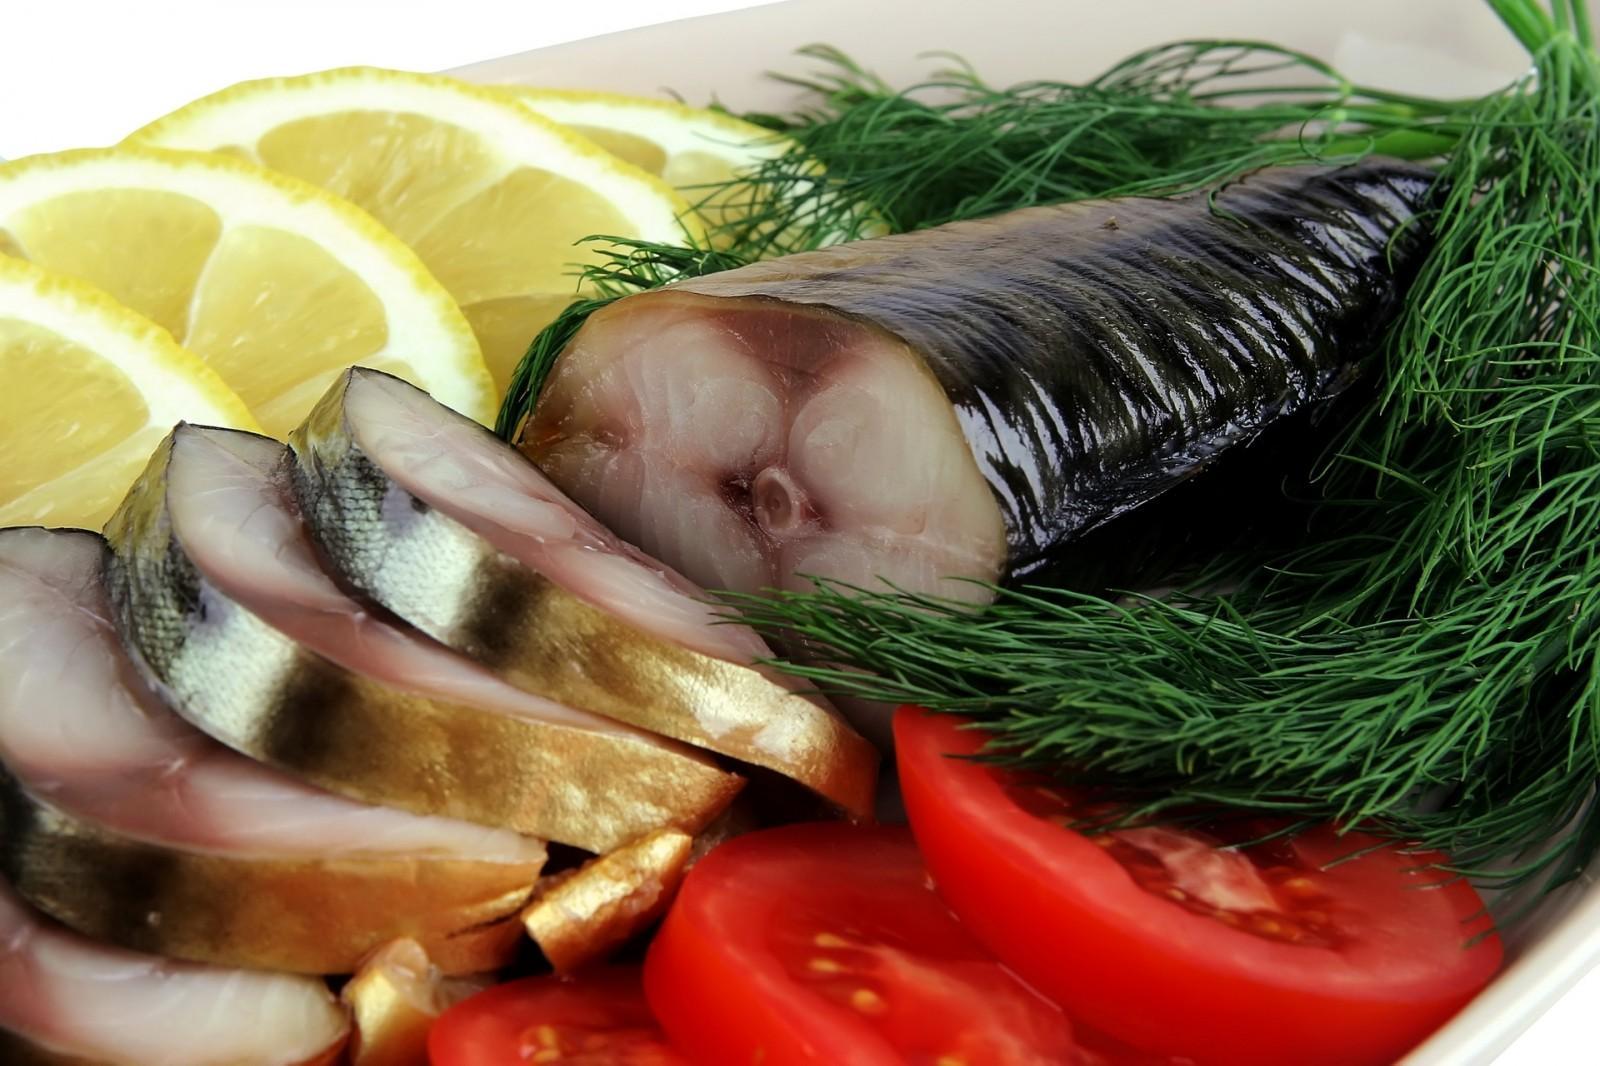 Как выбрать рыбу на новогодний стол 2020, чтобы не отравиться | информатор киев